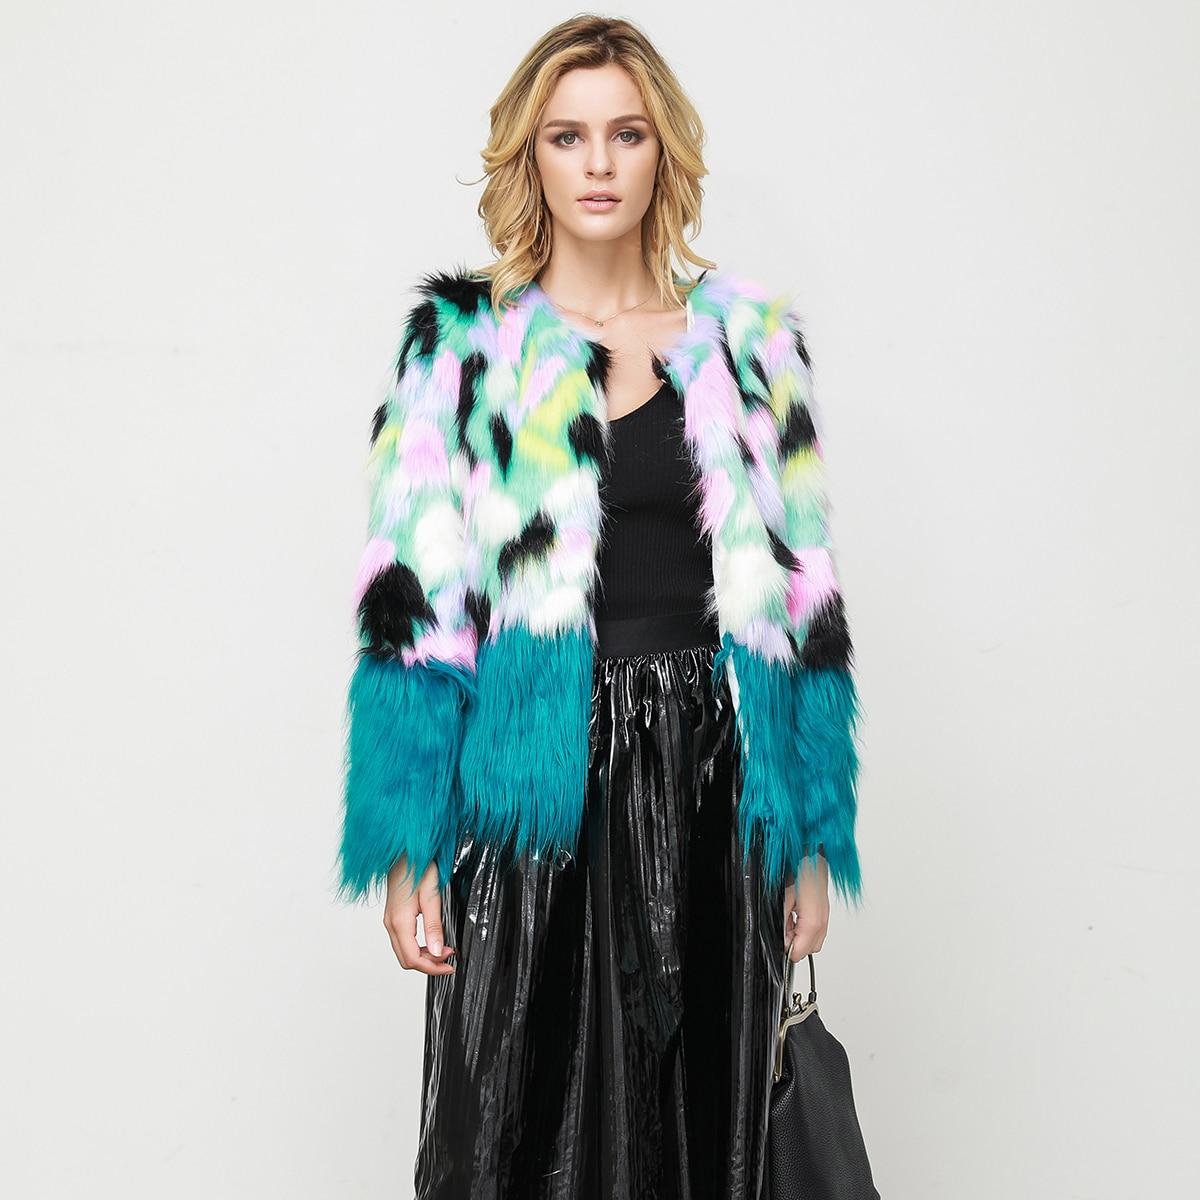 Automne hiver fausse fourrure femmes manteau O cou en peluche à manches longues vêtements d'extérieur décontracté lâche pardessus 2019 grande taille poilu pardessus fête